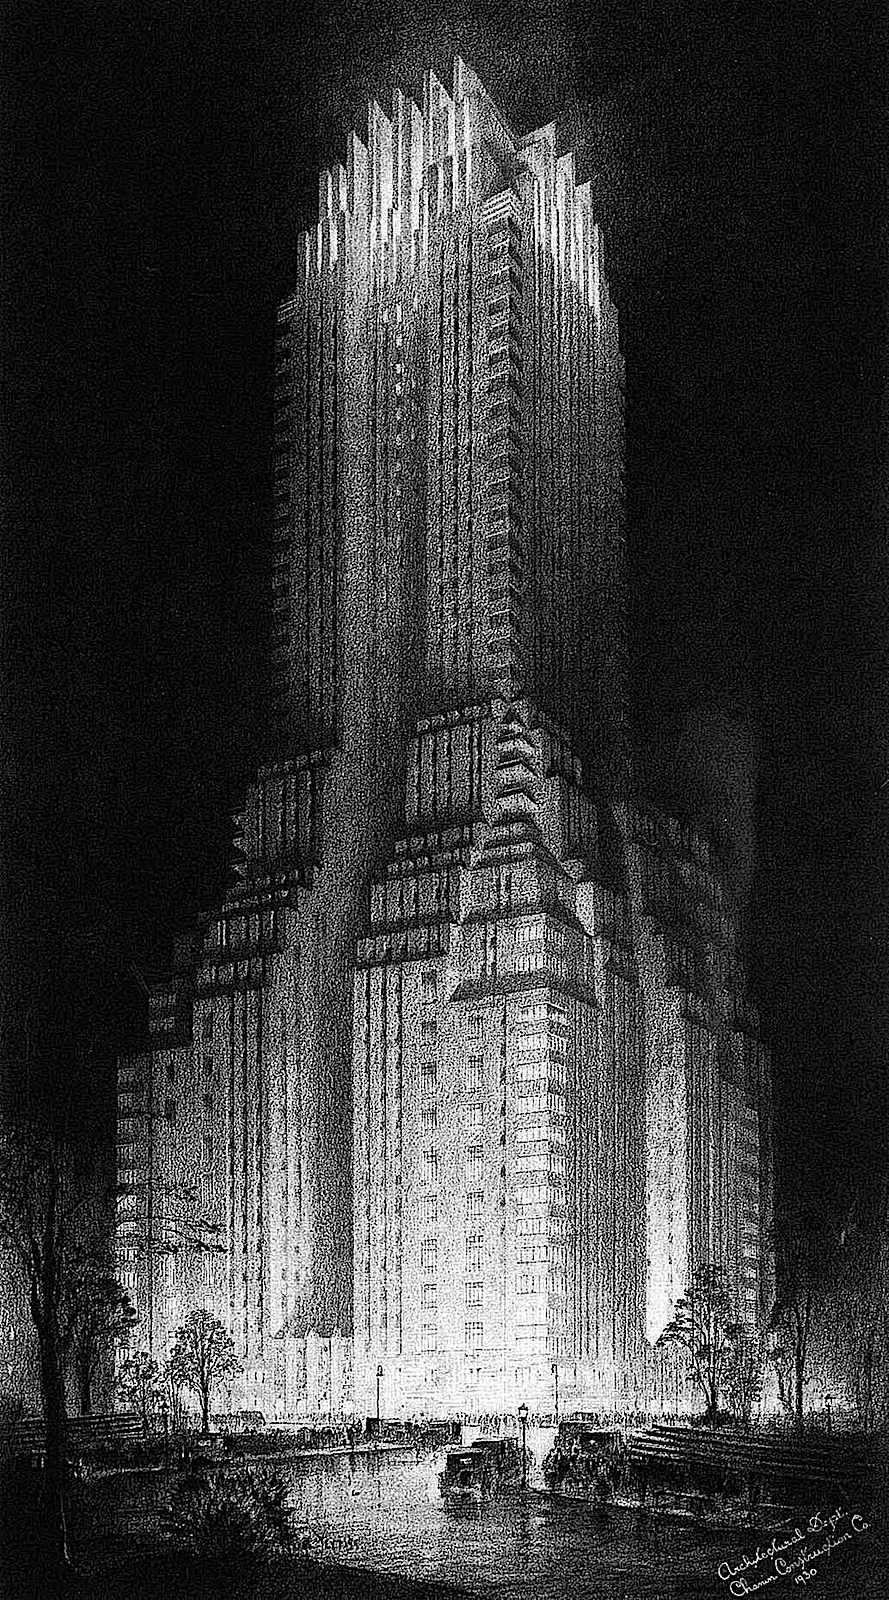 a Hugh Ferriss architectural concept skyscraper at night